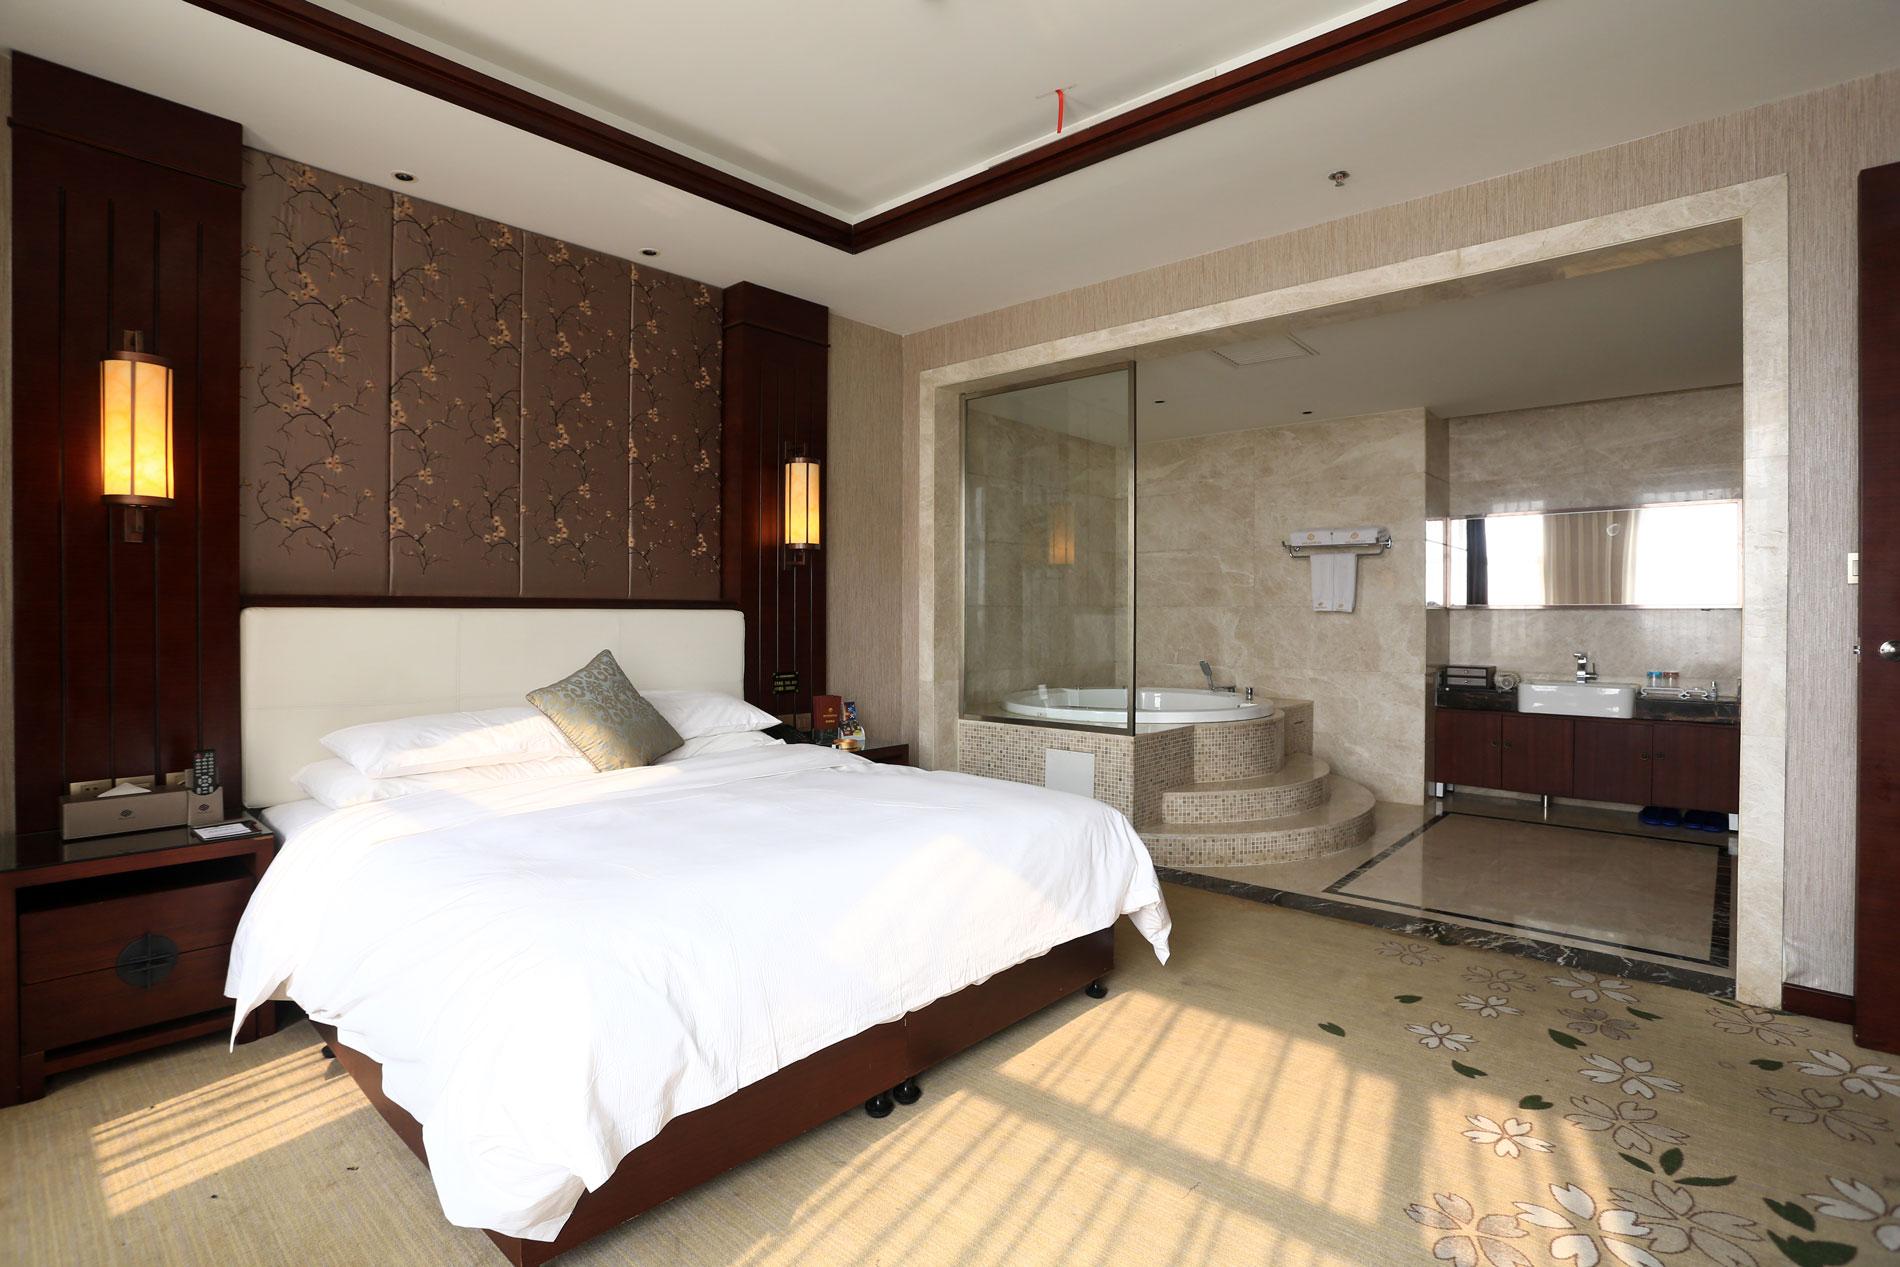 Otel Oda İçi Ekipmanlar